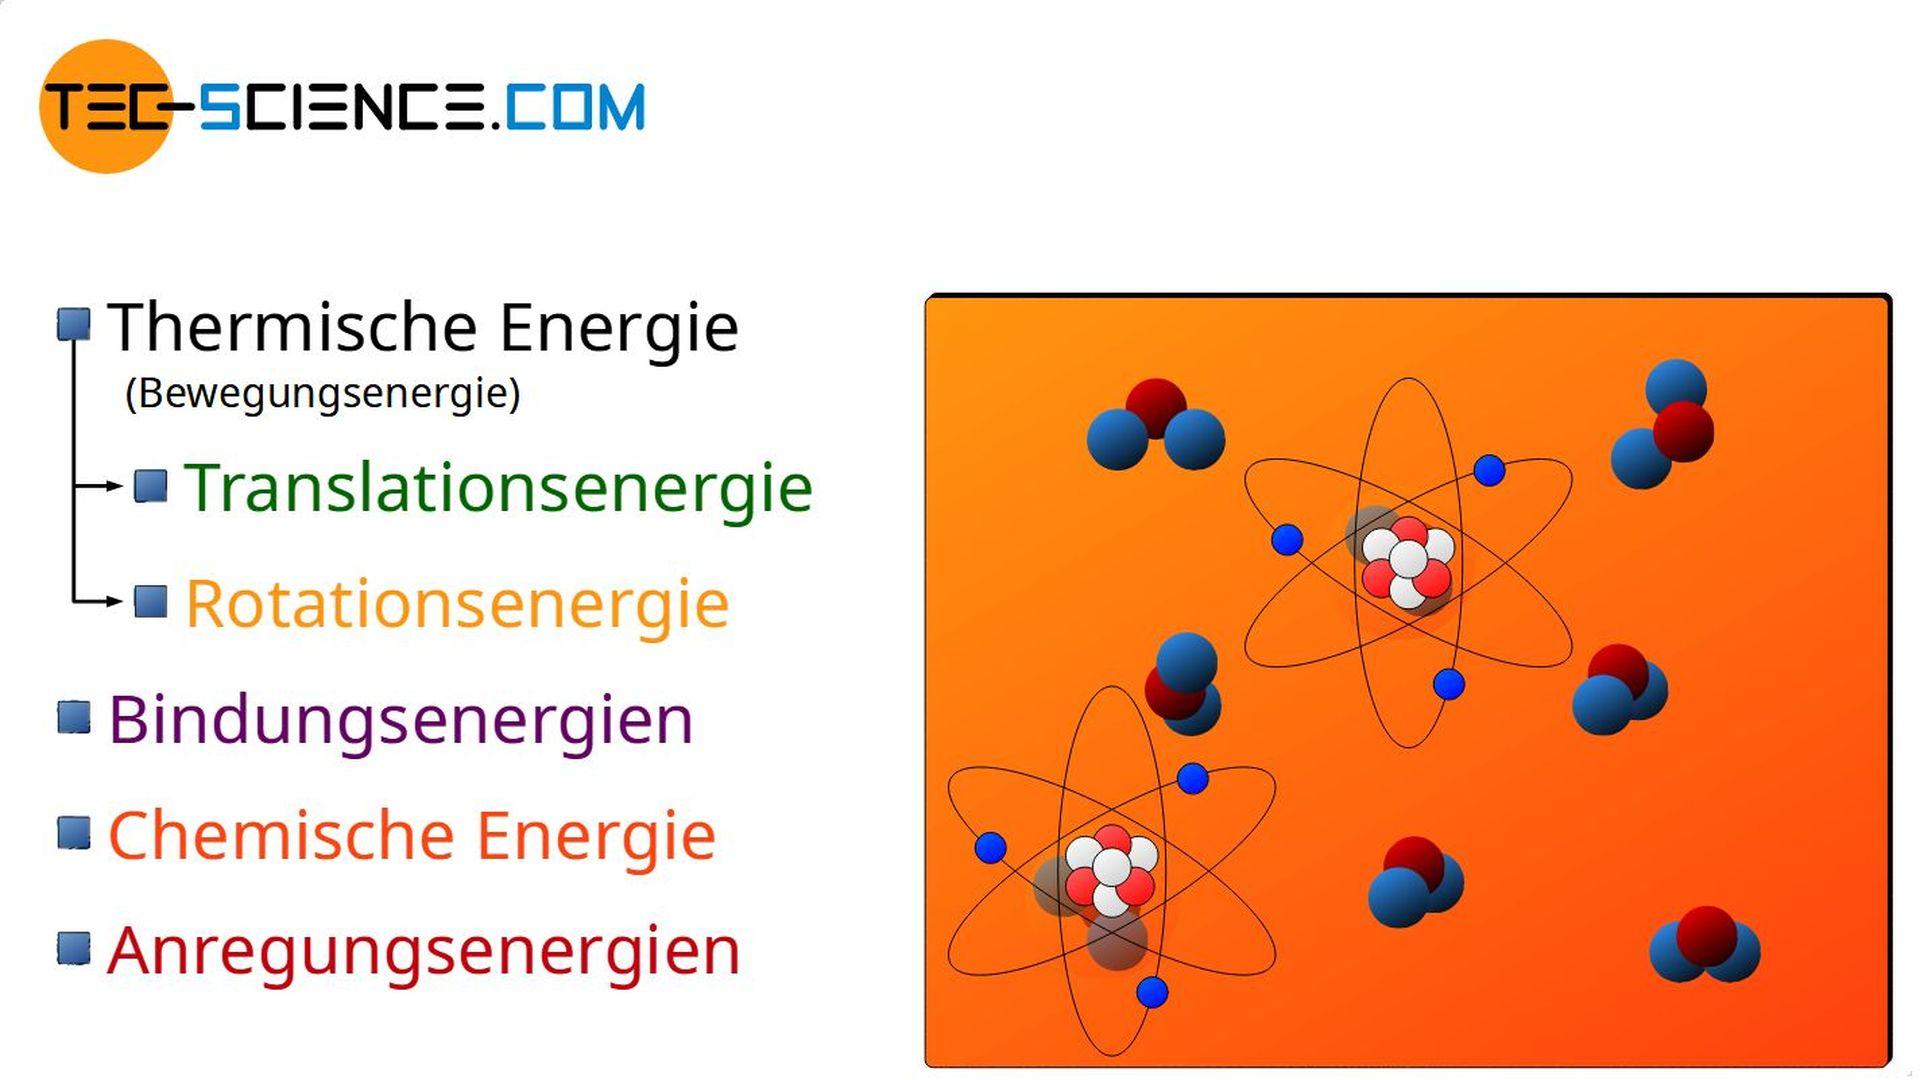 Anregungsenergien als Teil der inneren Energie eines Stoffes